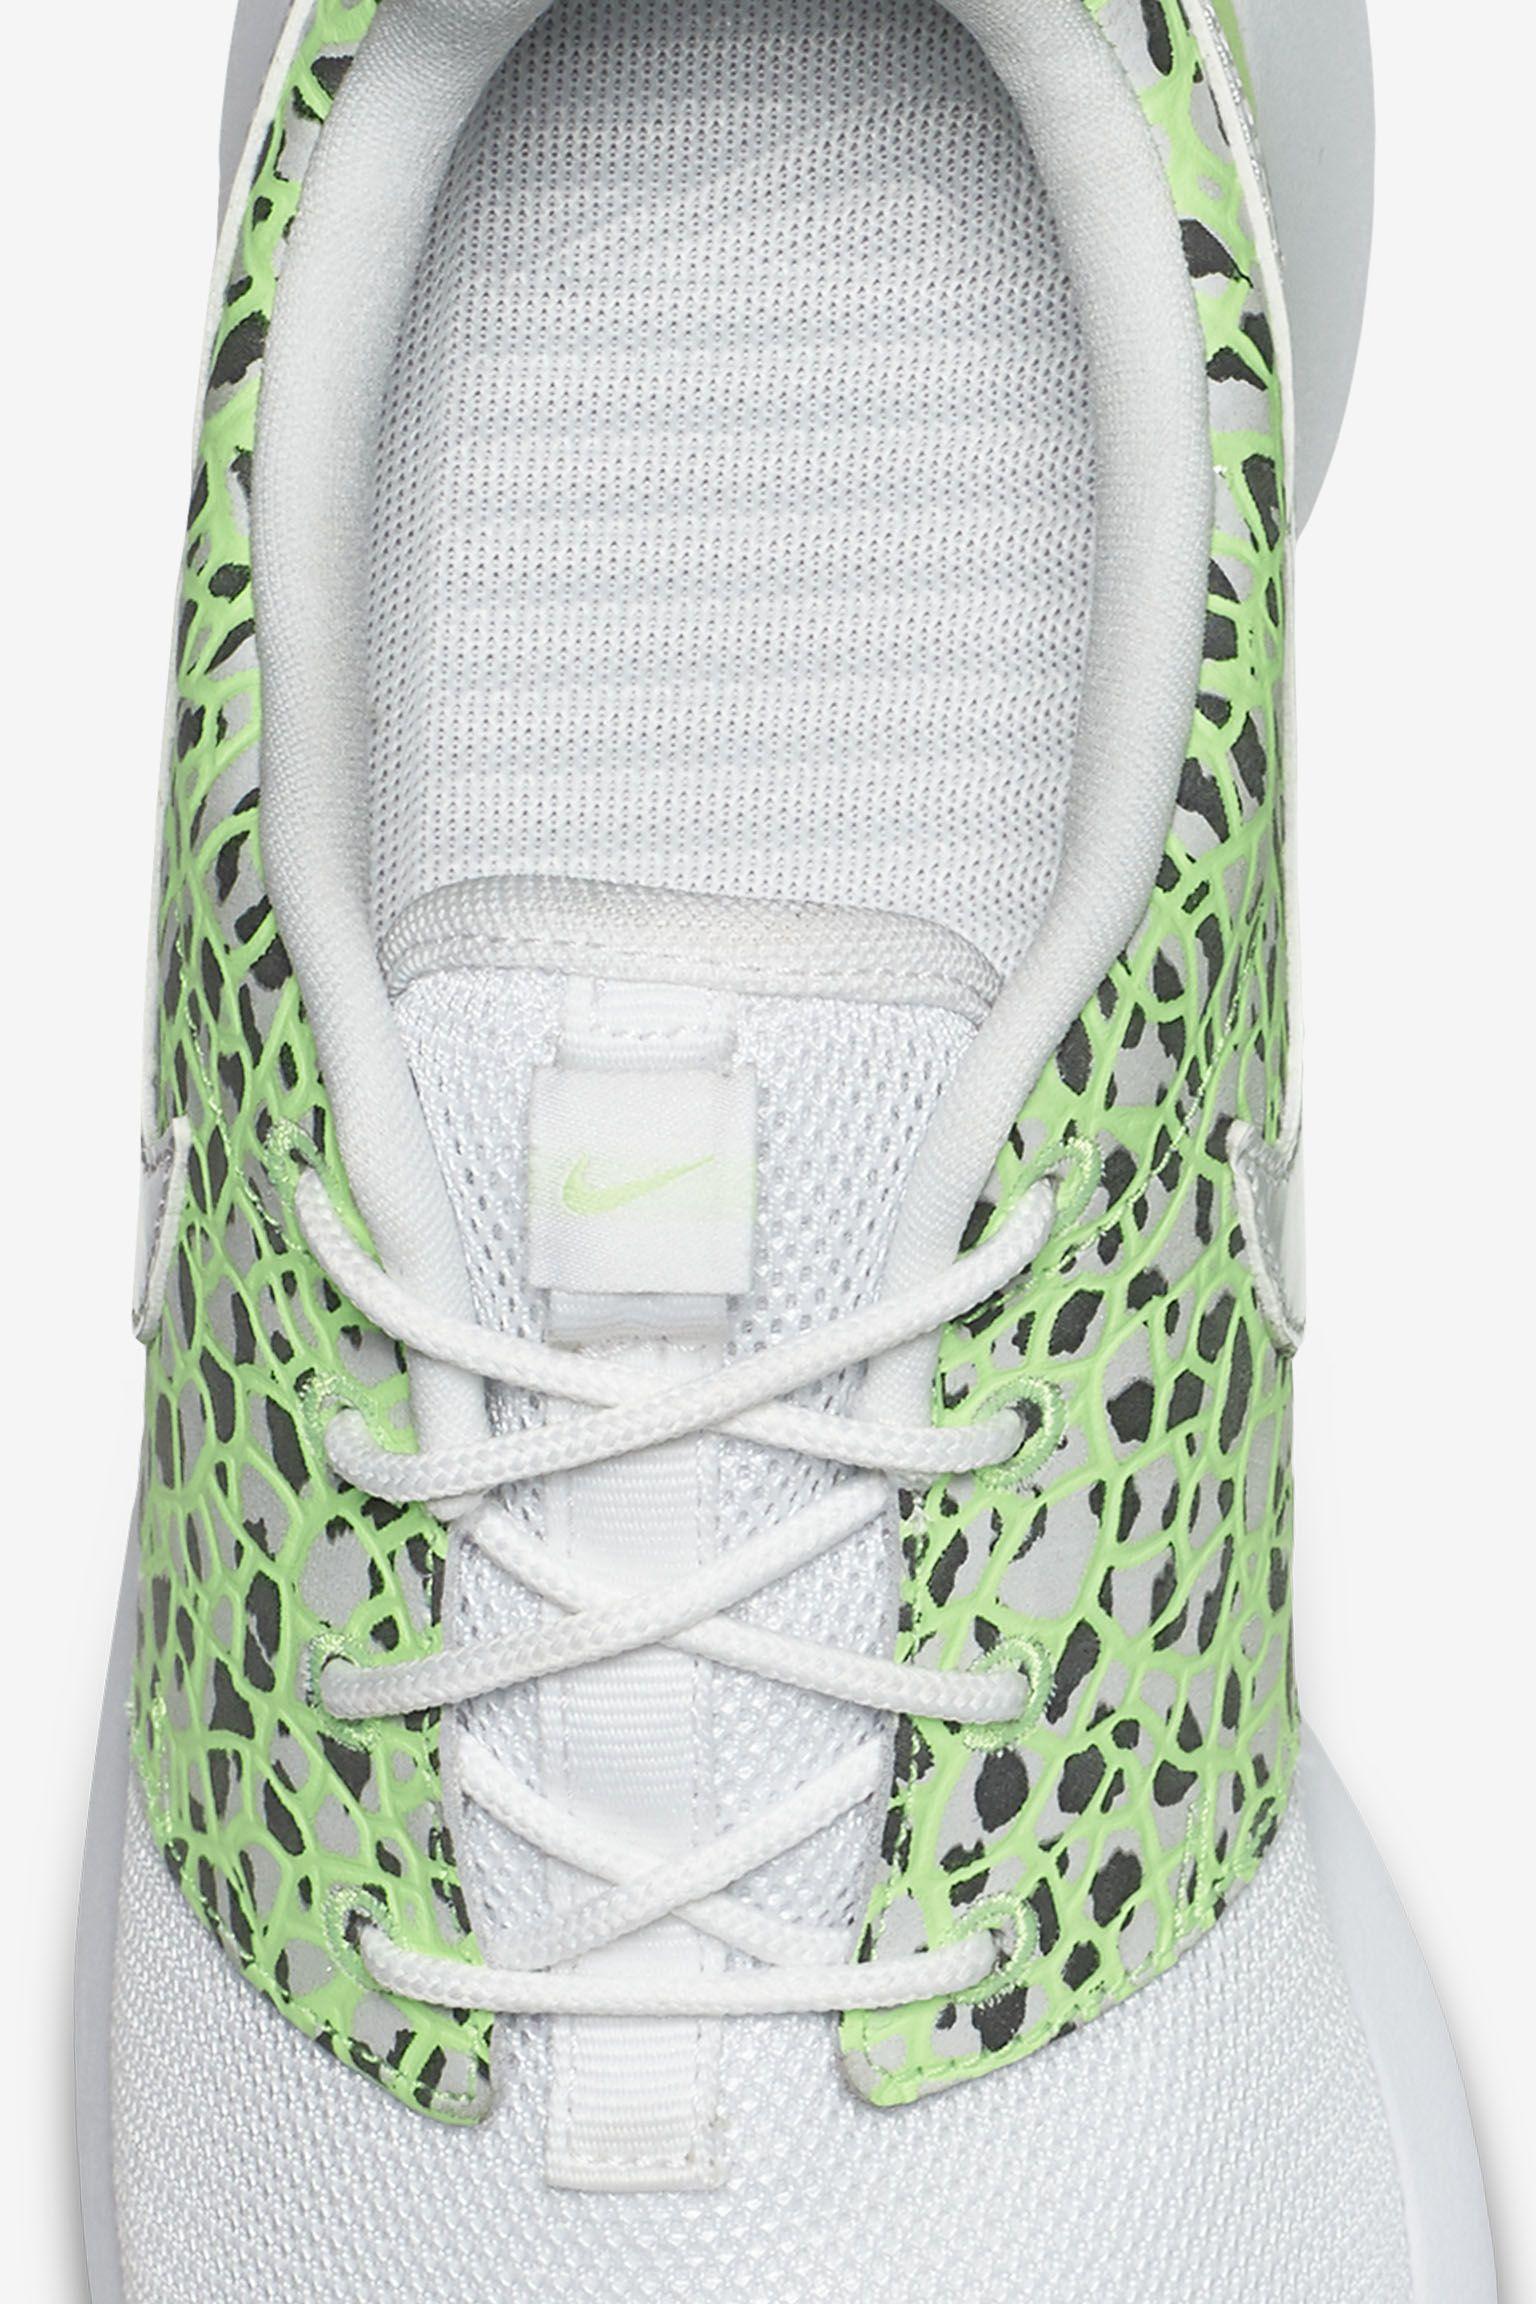 Women's Nike Roshe One 'Ghost Green'